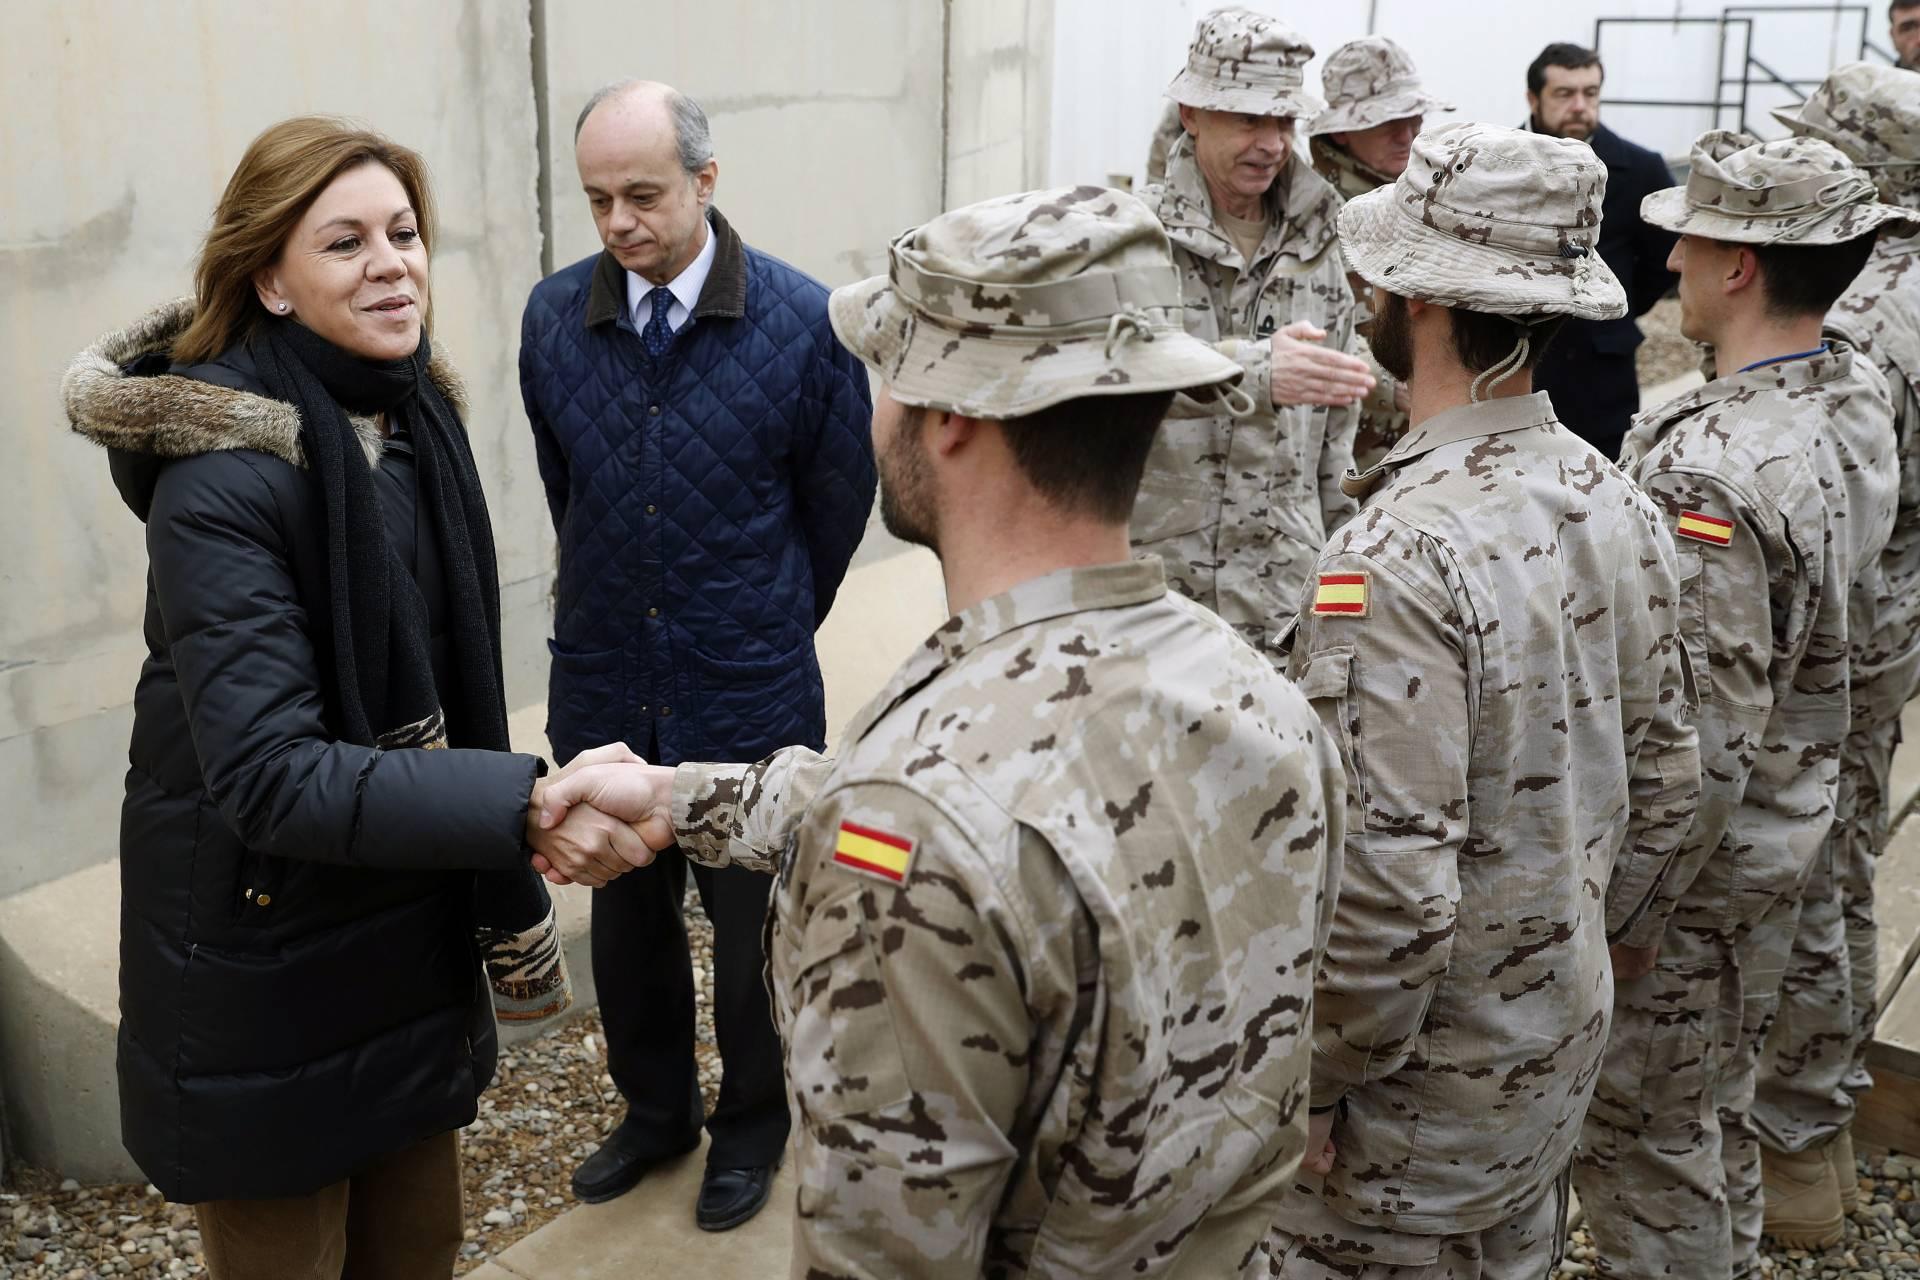 La ministra de Defensa, María Dolores de Cospedal, en su reciente visita a Irak.